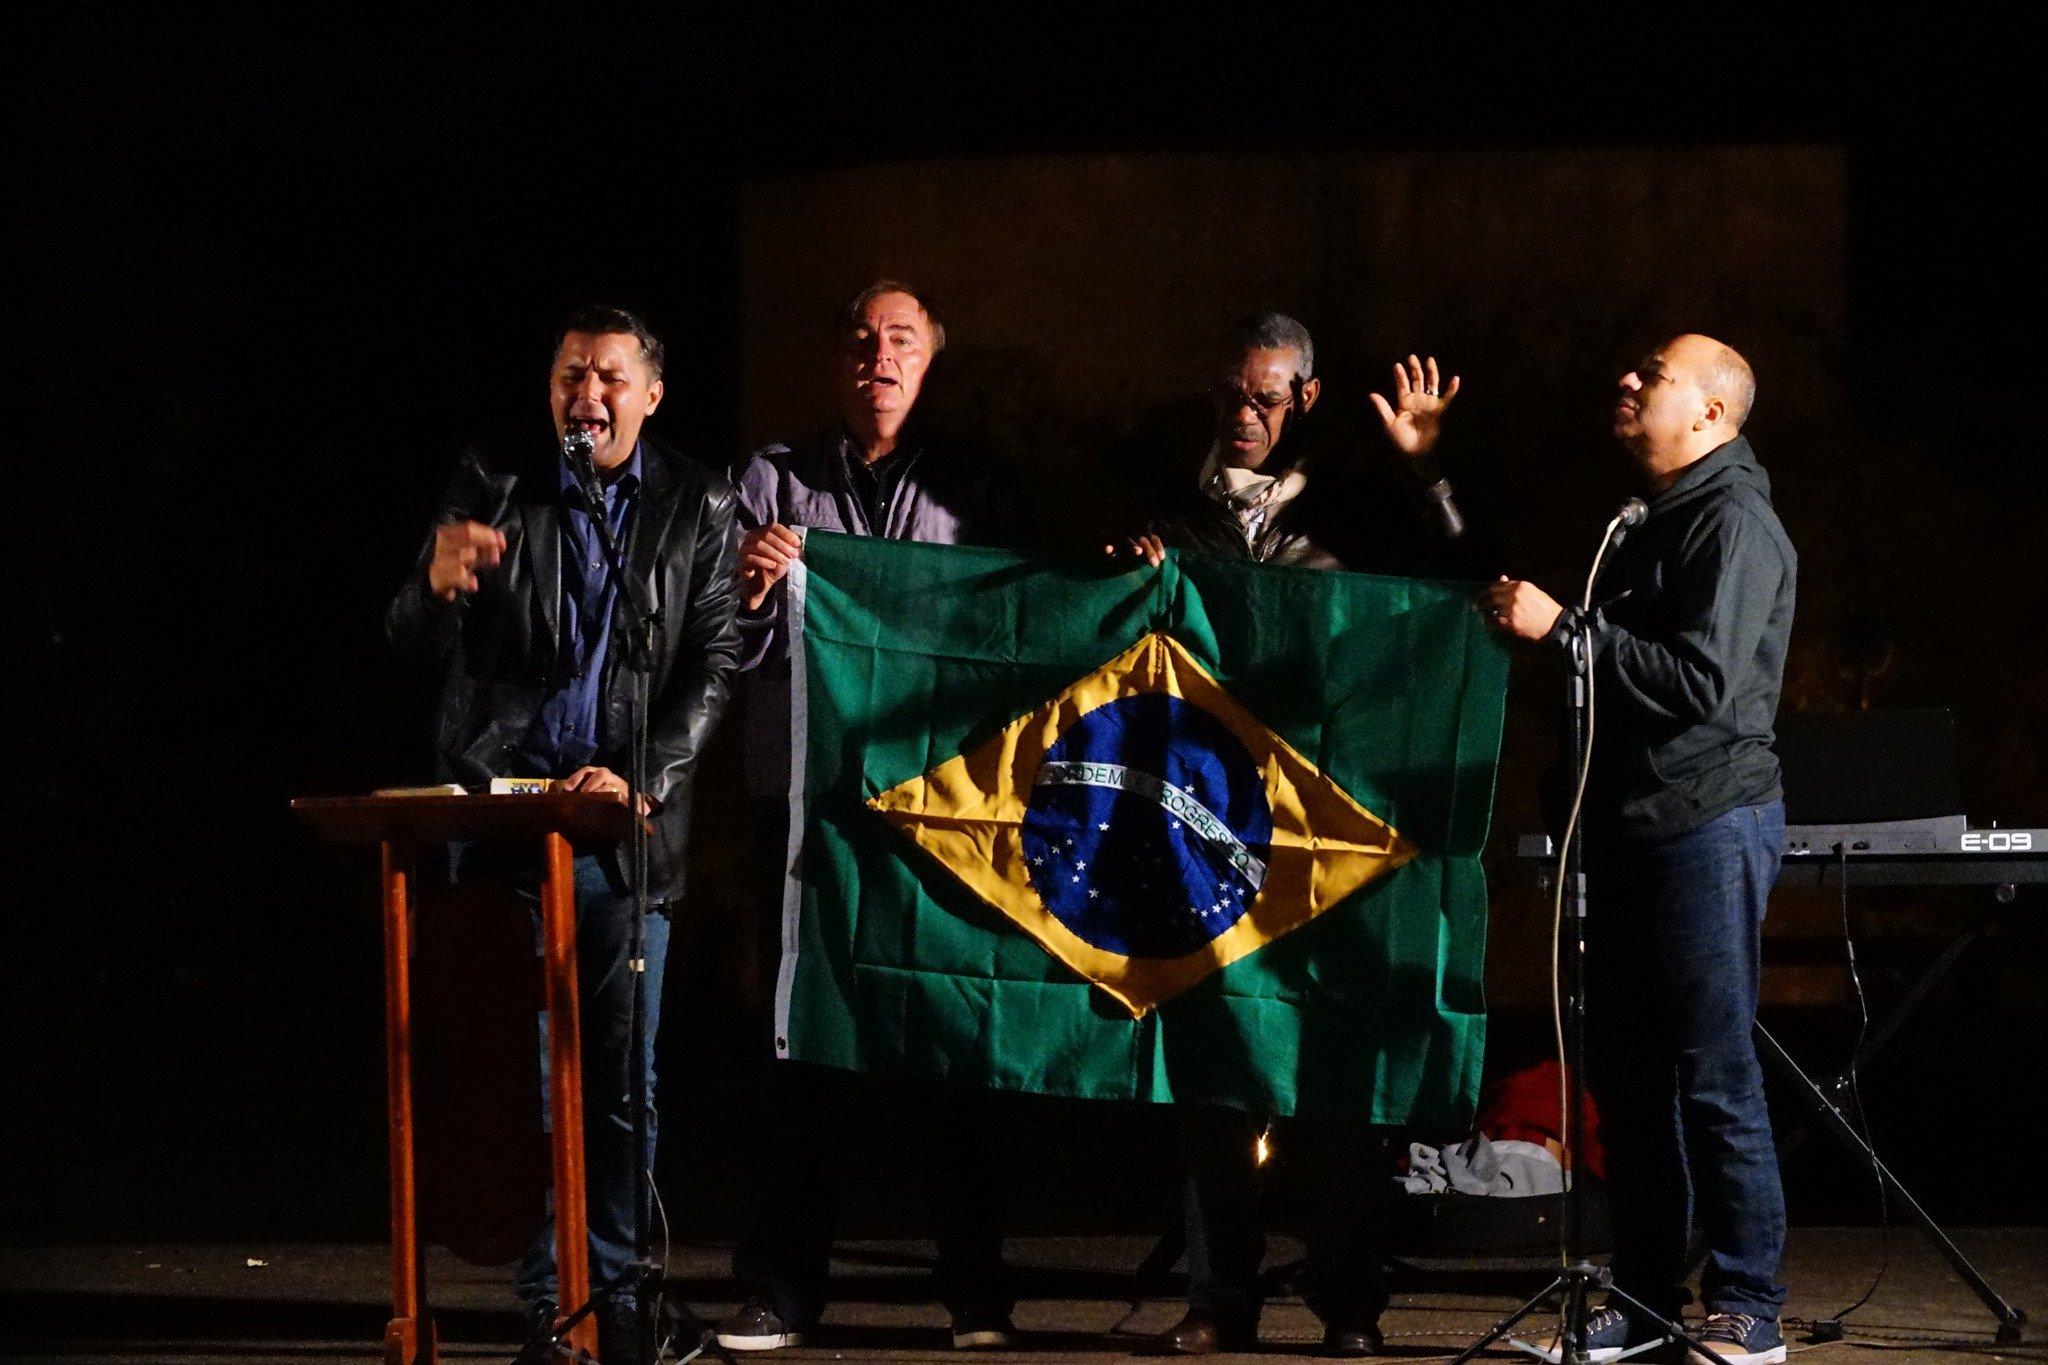 Brasil e outros países irão clamar por avivamento em 10 dias de oração ininterruptas